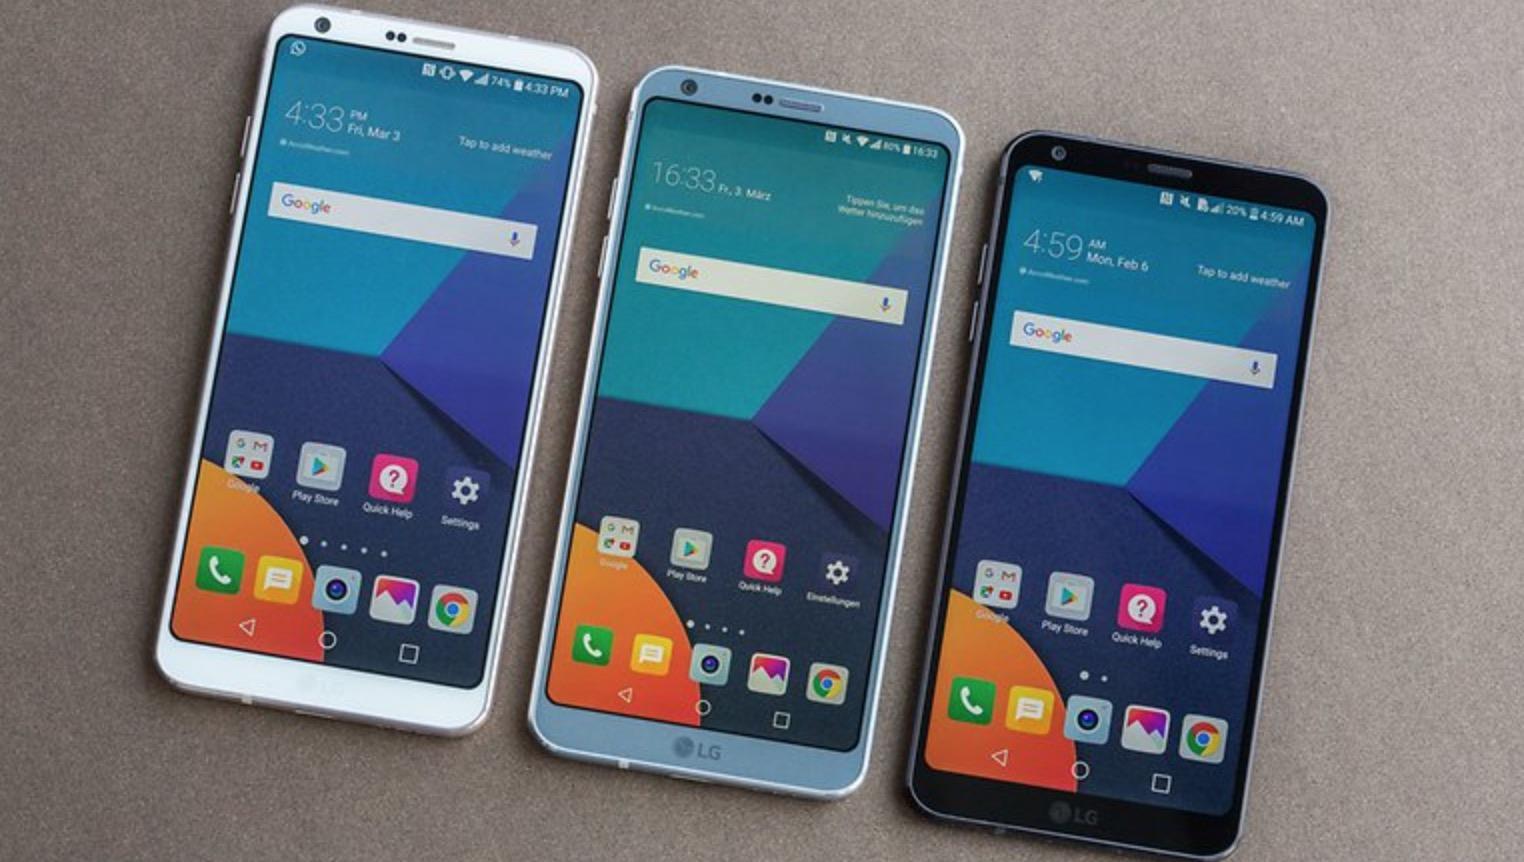 LG G6 schermo grandi dimensioni